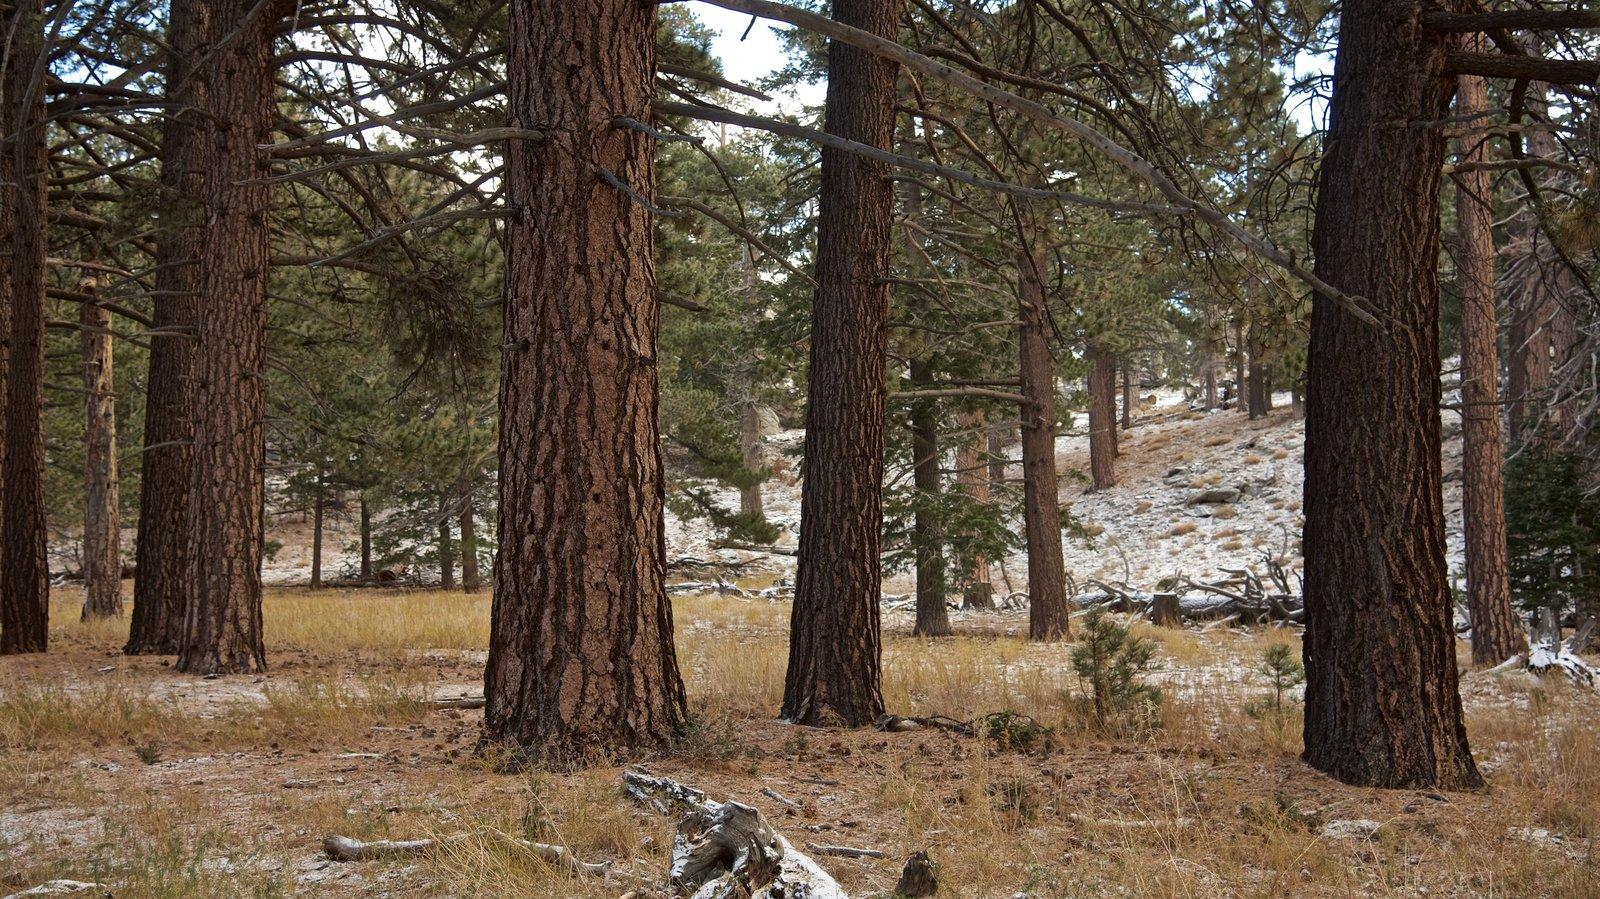 Parque estatal Mount San Jacinto mostrando bosques